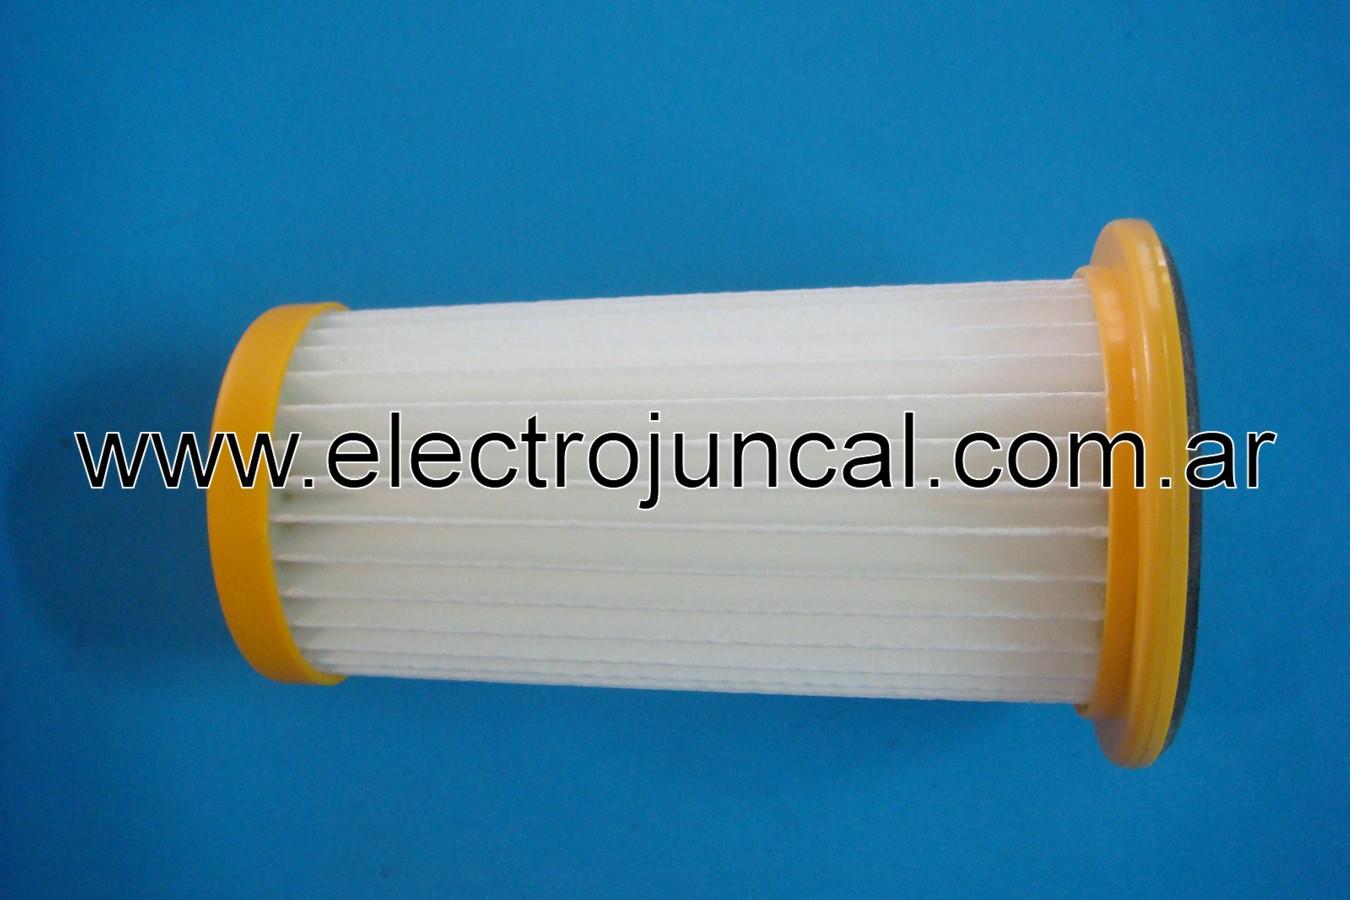 Electro juncal service filtro hepa aspiradora philips fc for Aspiradora con filtro hepa